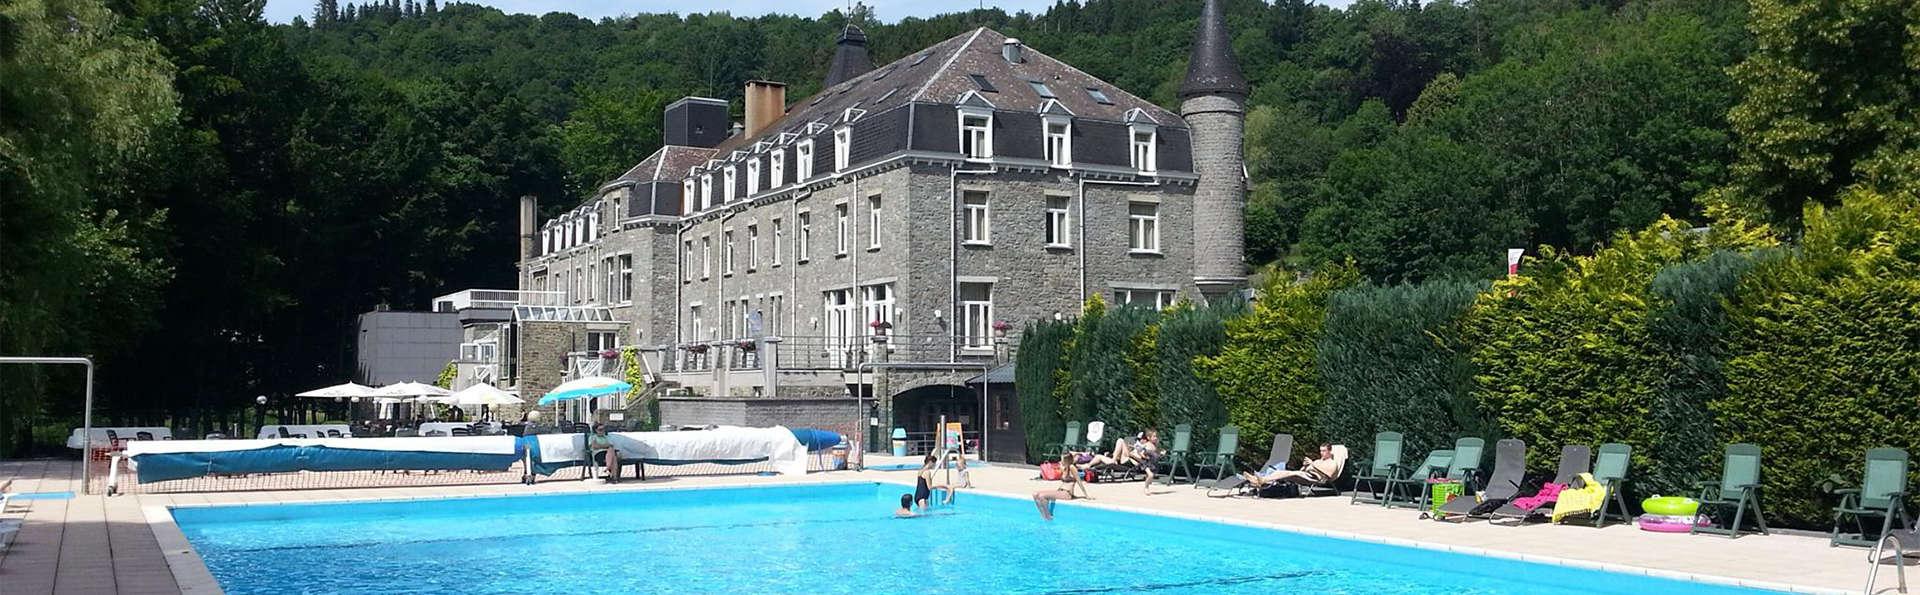 Estancia de deporte y naturaleza en La-Roche-en-Ardenne